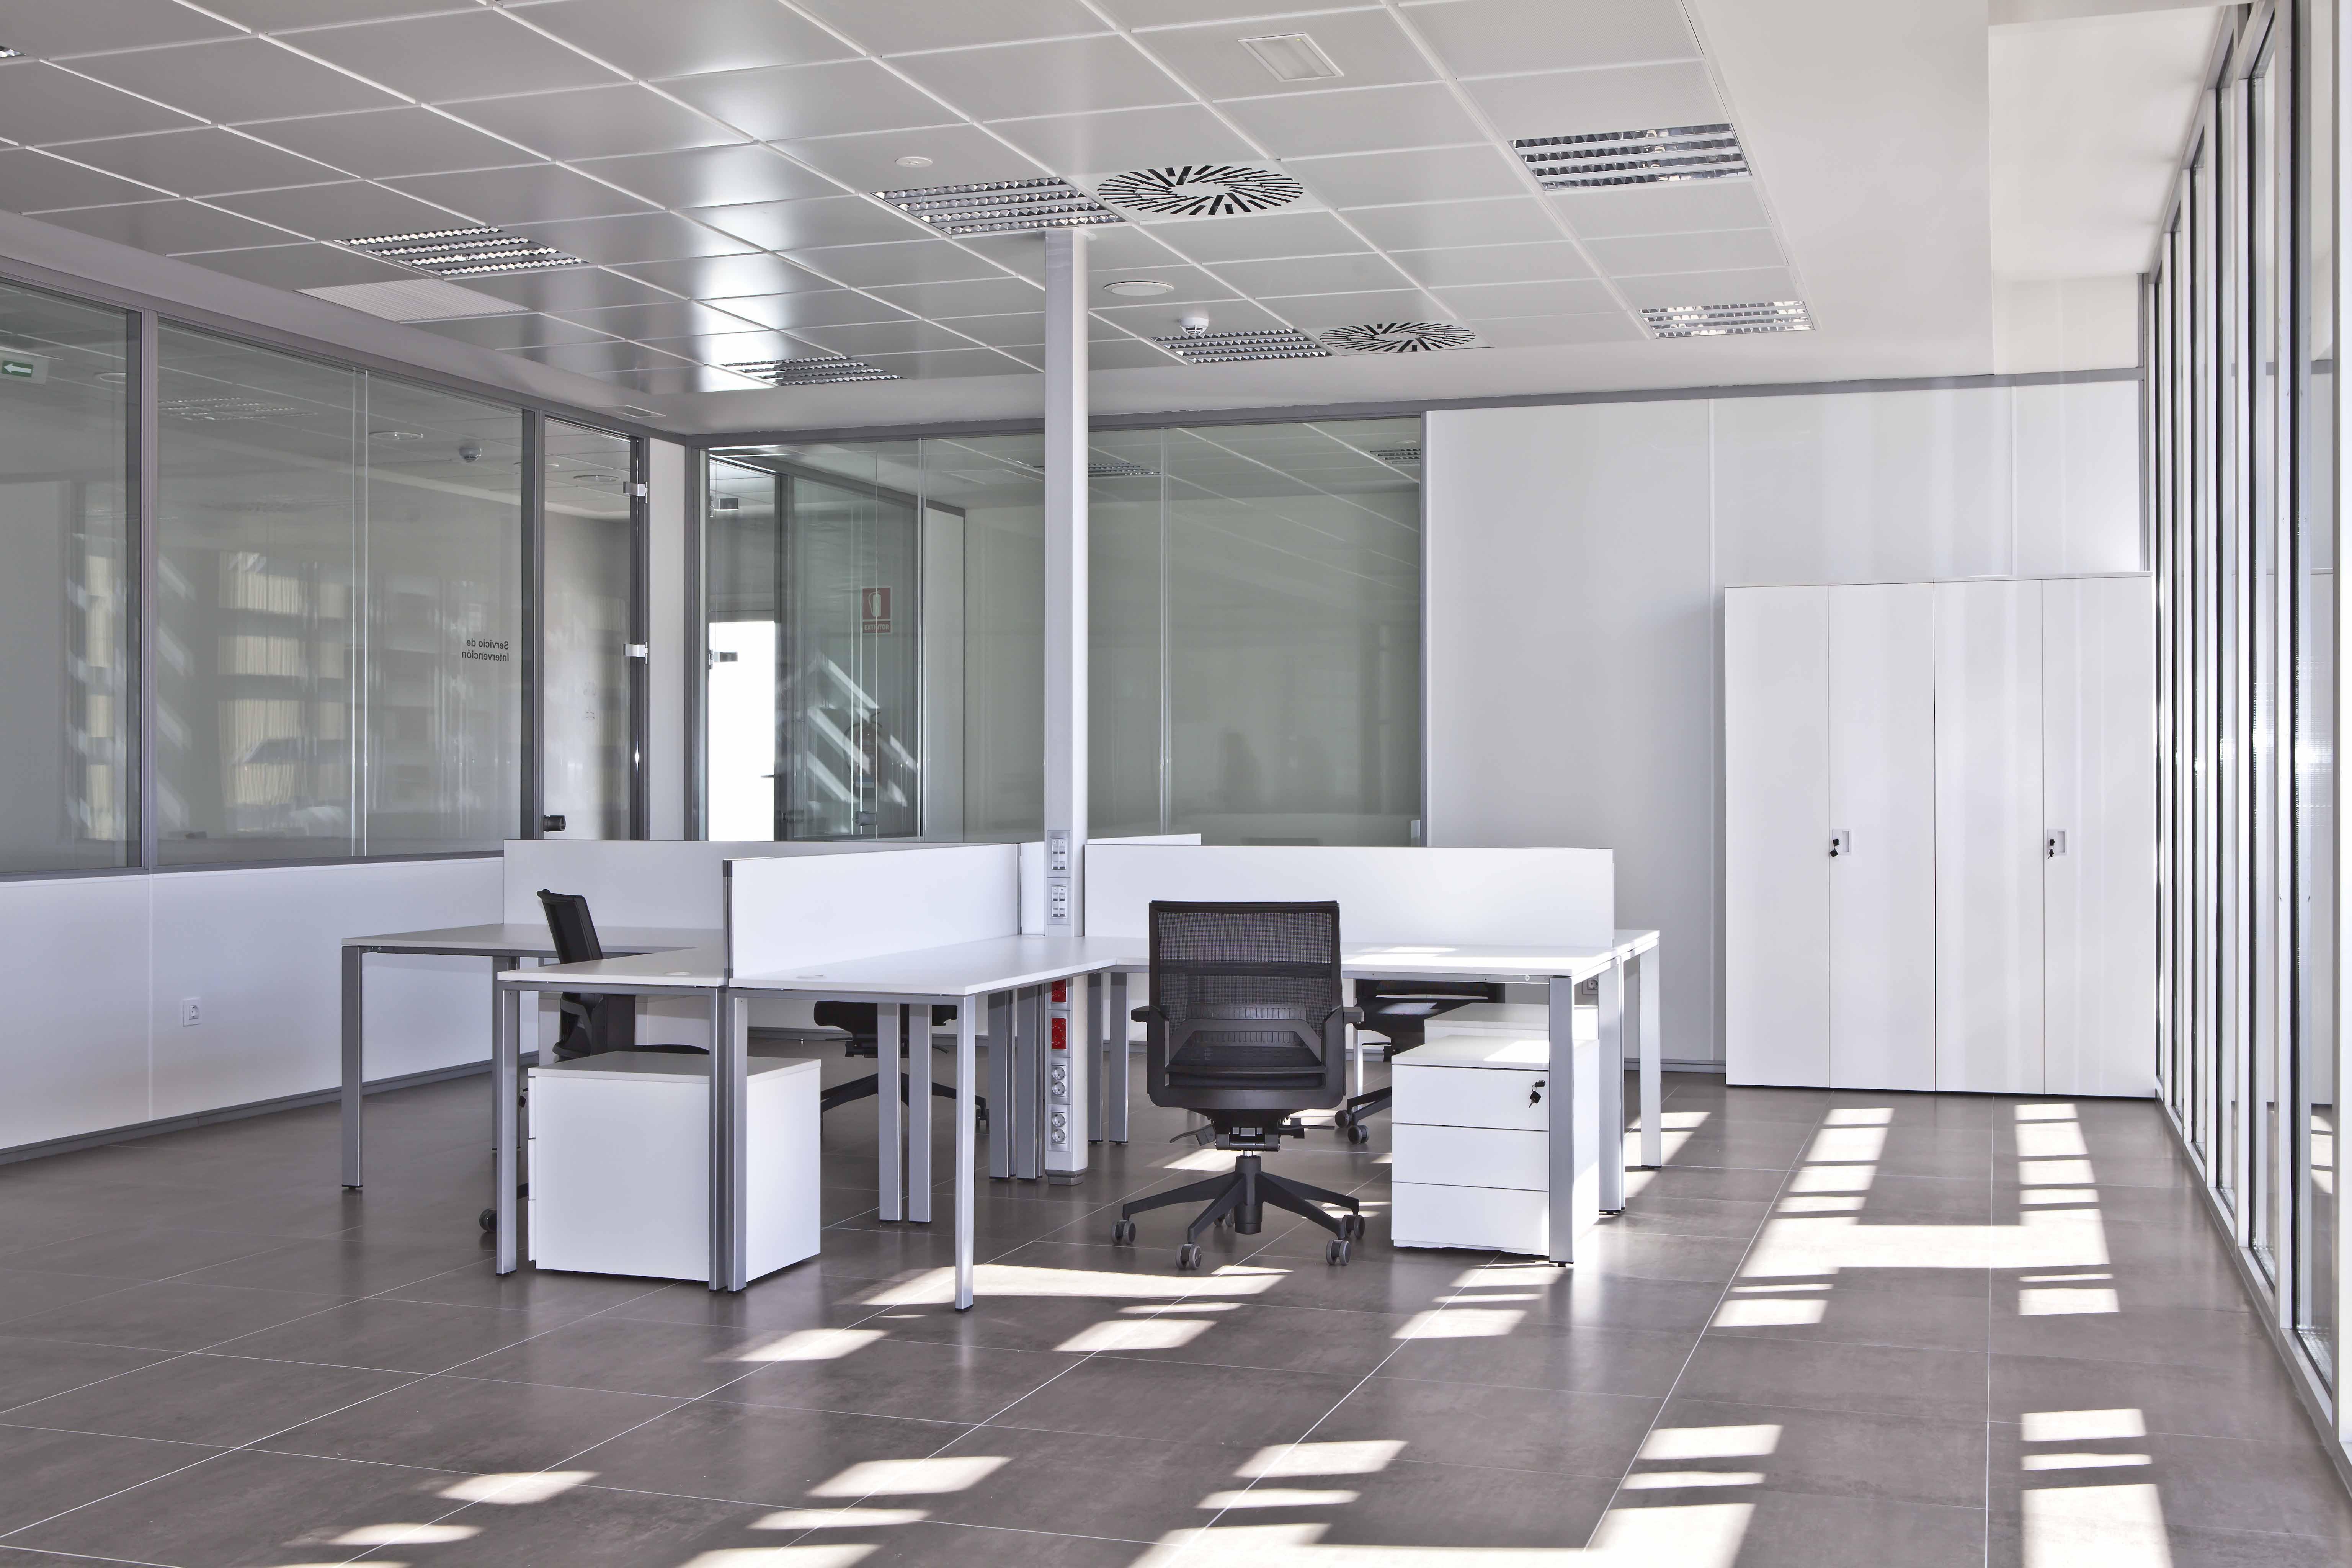 oficinas suelosytechos - suelos y techos tecnicos